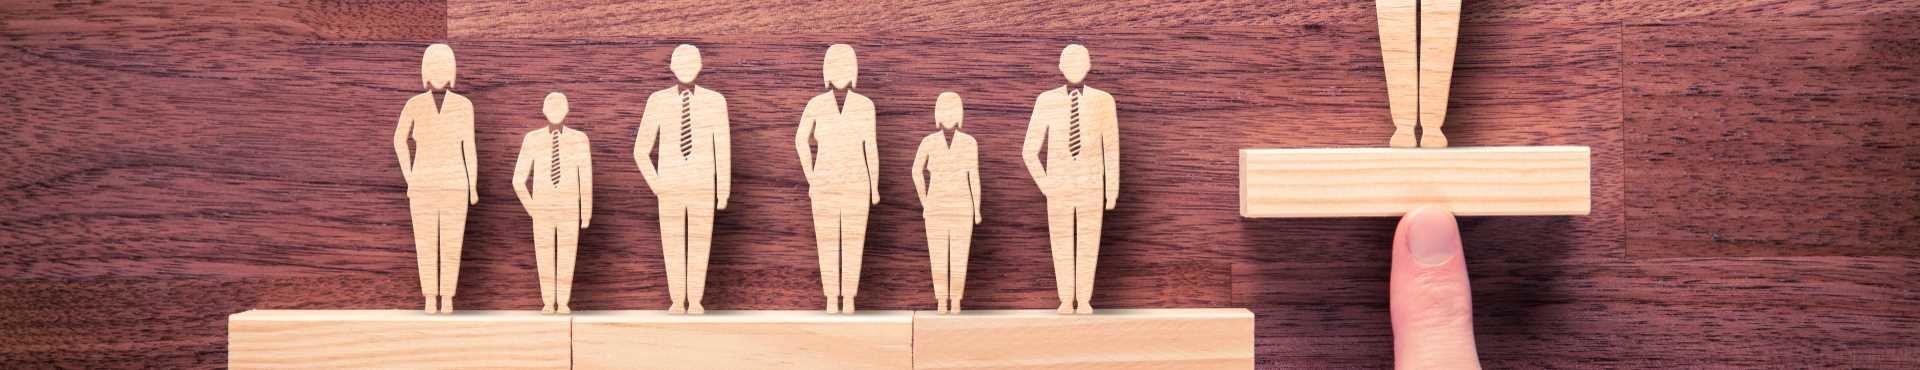 Wooden leadership figures | Shine Lawyers